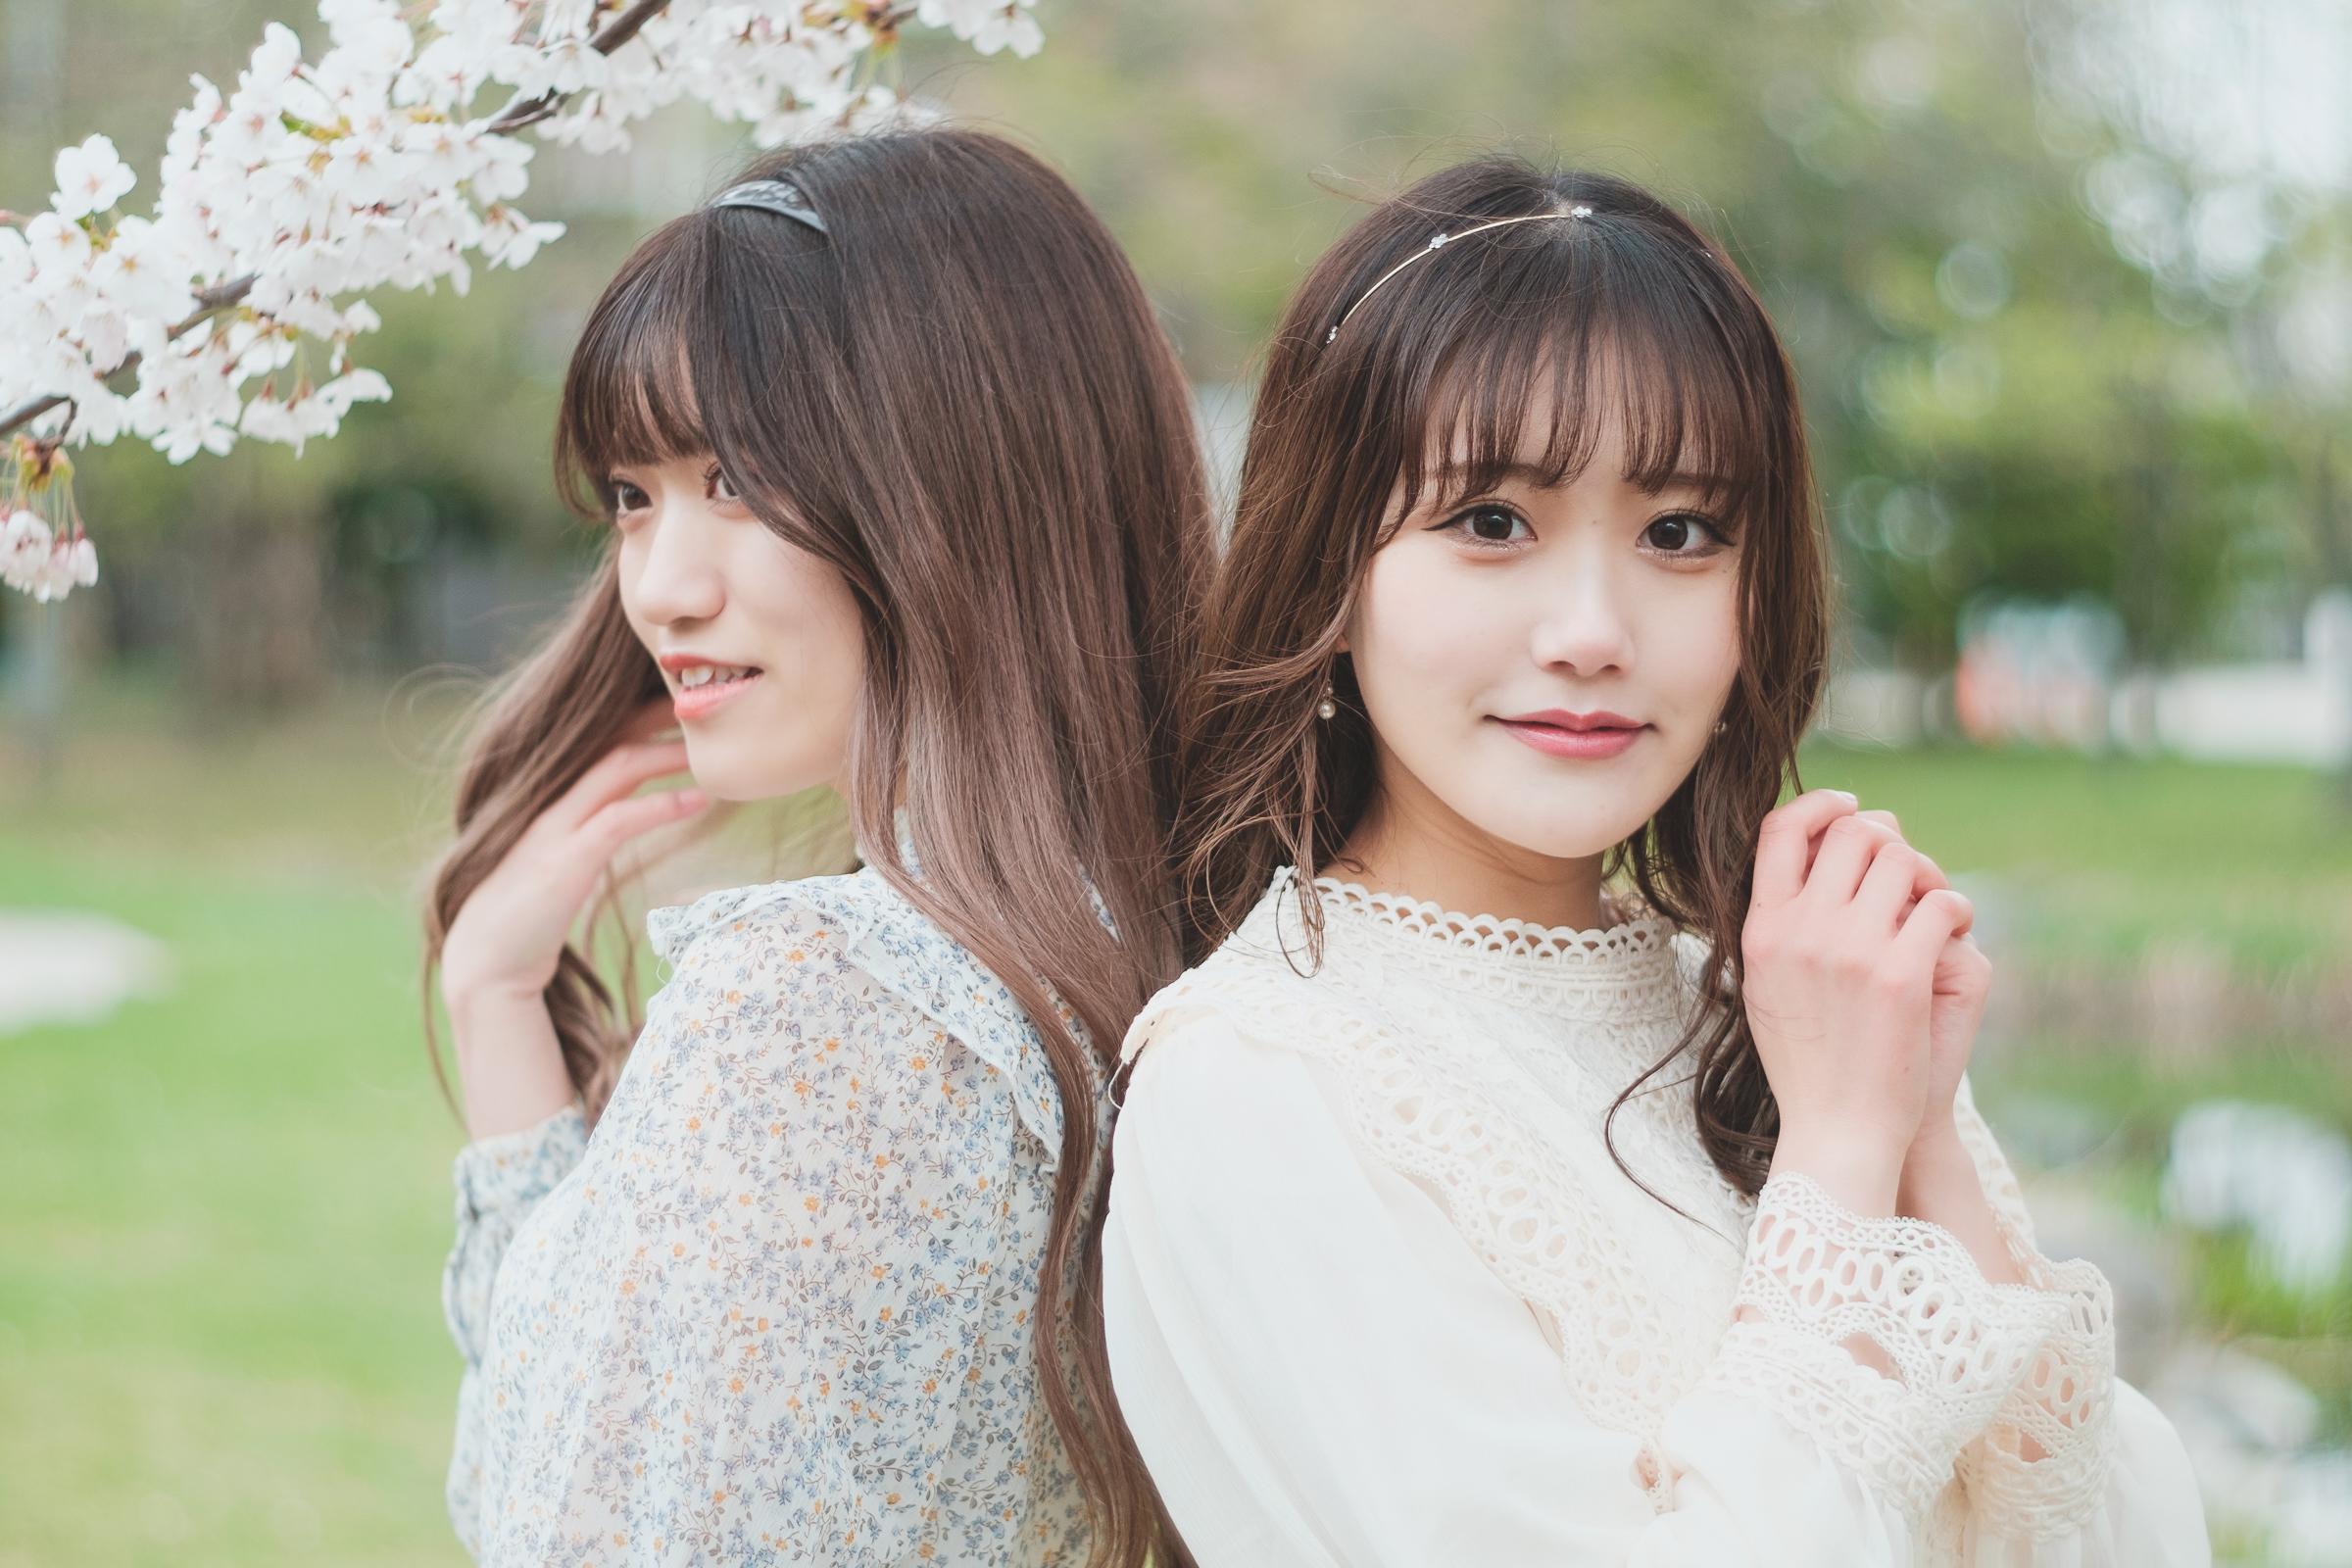 フルーティー♡ まほ ( 本間真帆 ) | SMP 札幌モデルプロ「桜」撮影会 at 中島公園